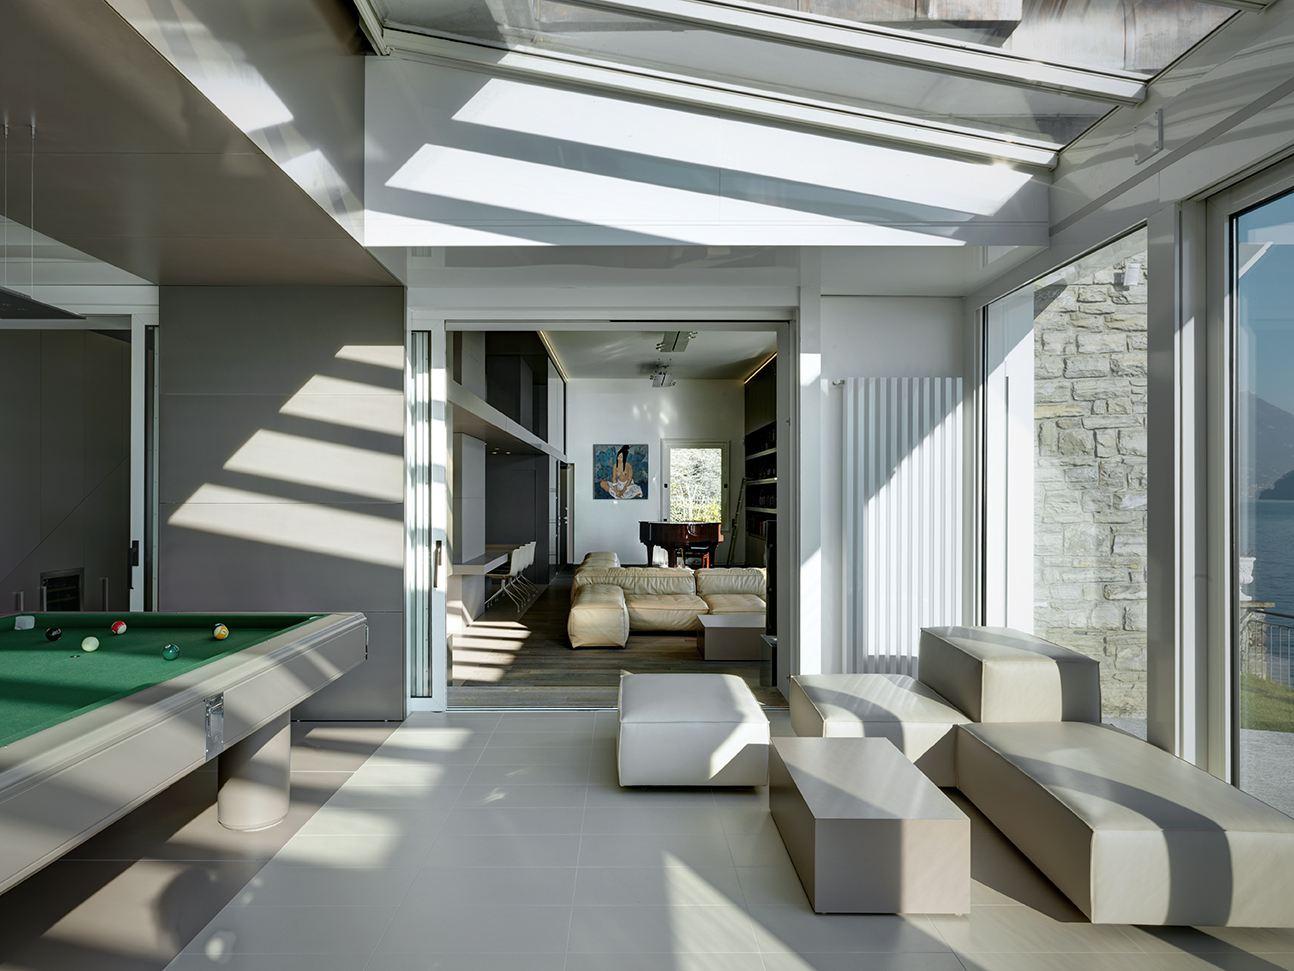 Una villa con la zona ospiti in mansarda for Proiettato in veranda con camino